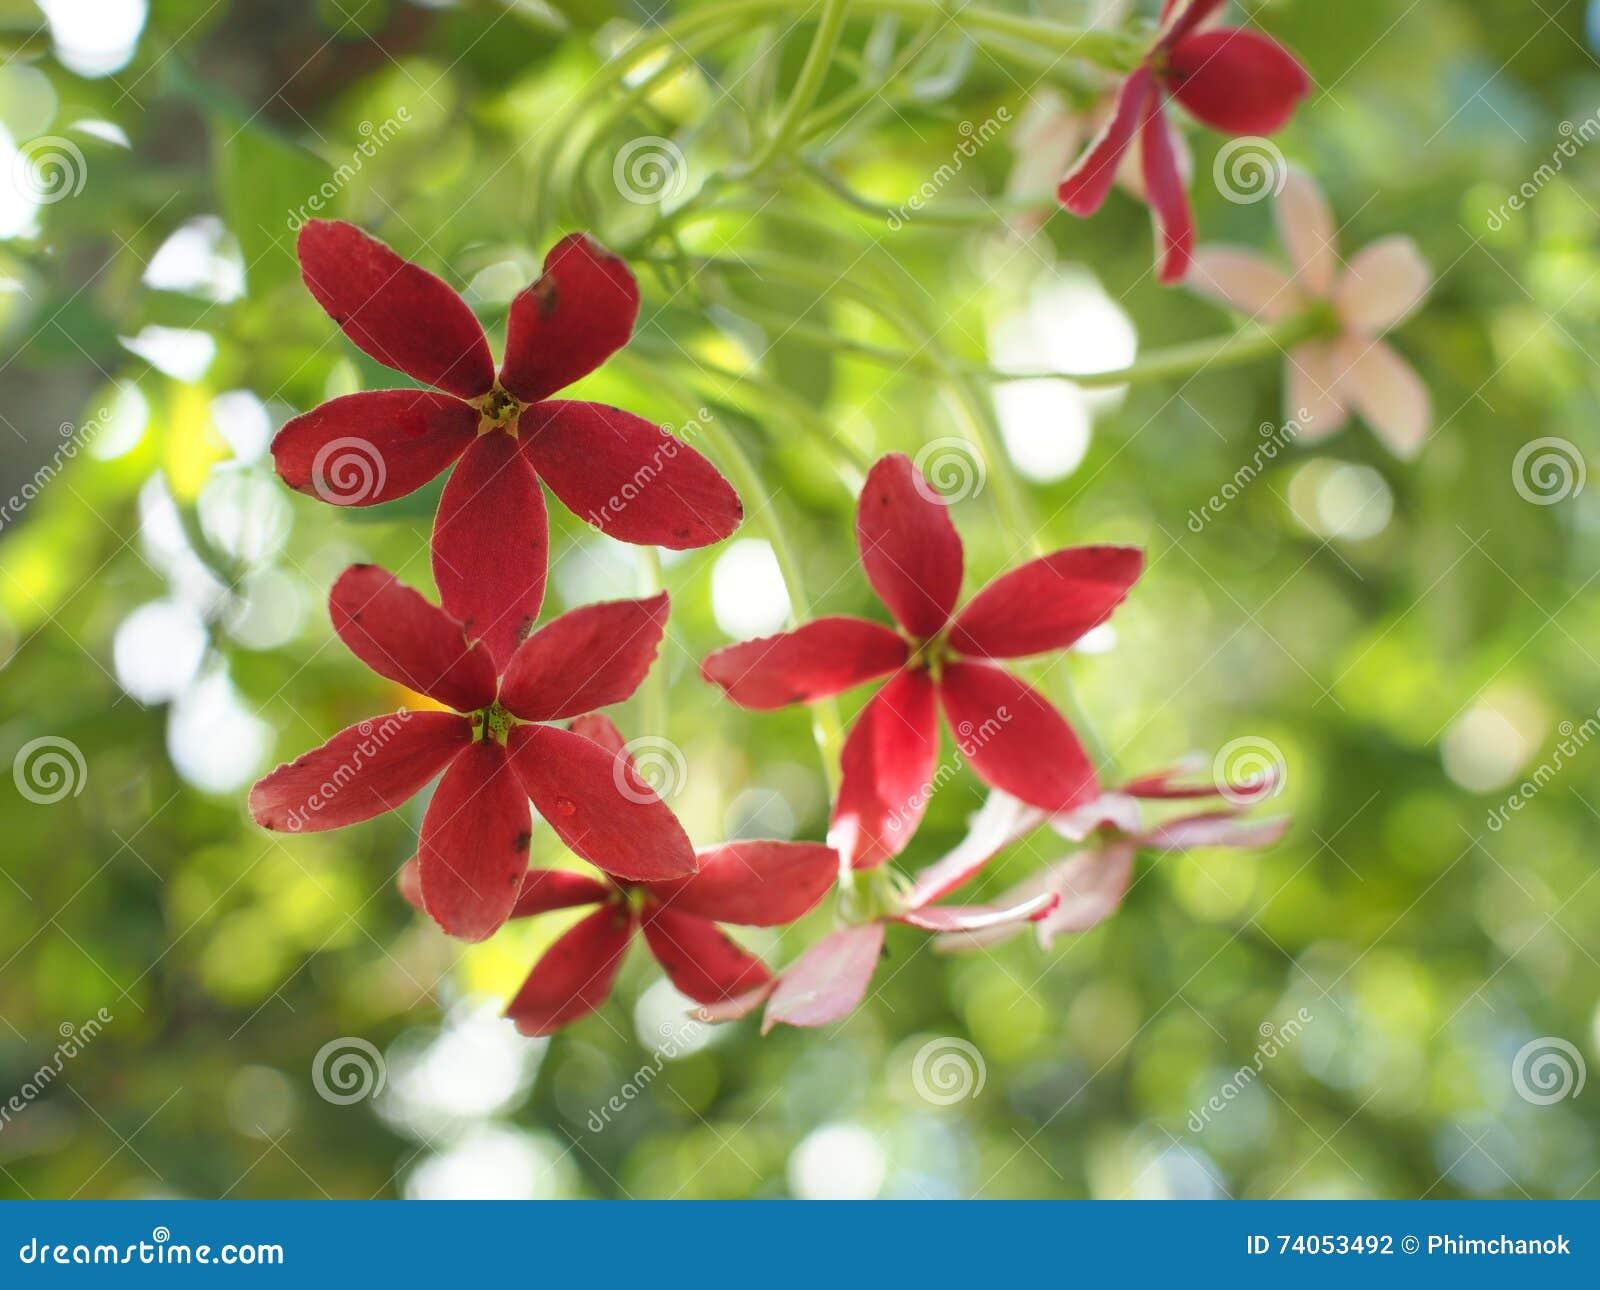 Amato Buongiorno con il mazzo dei fiori foto stock - Iscriviti Gratis WS94